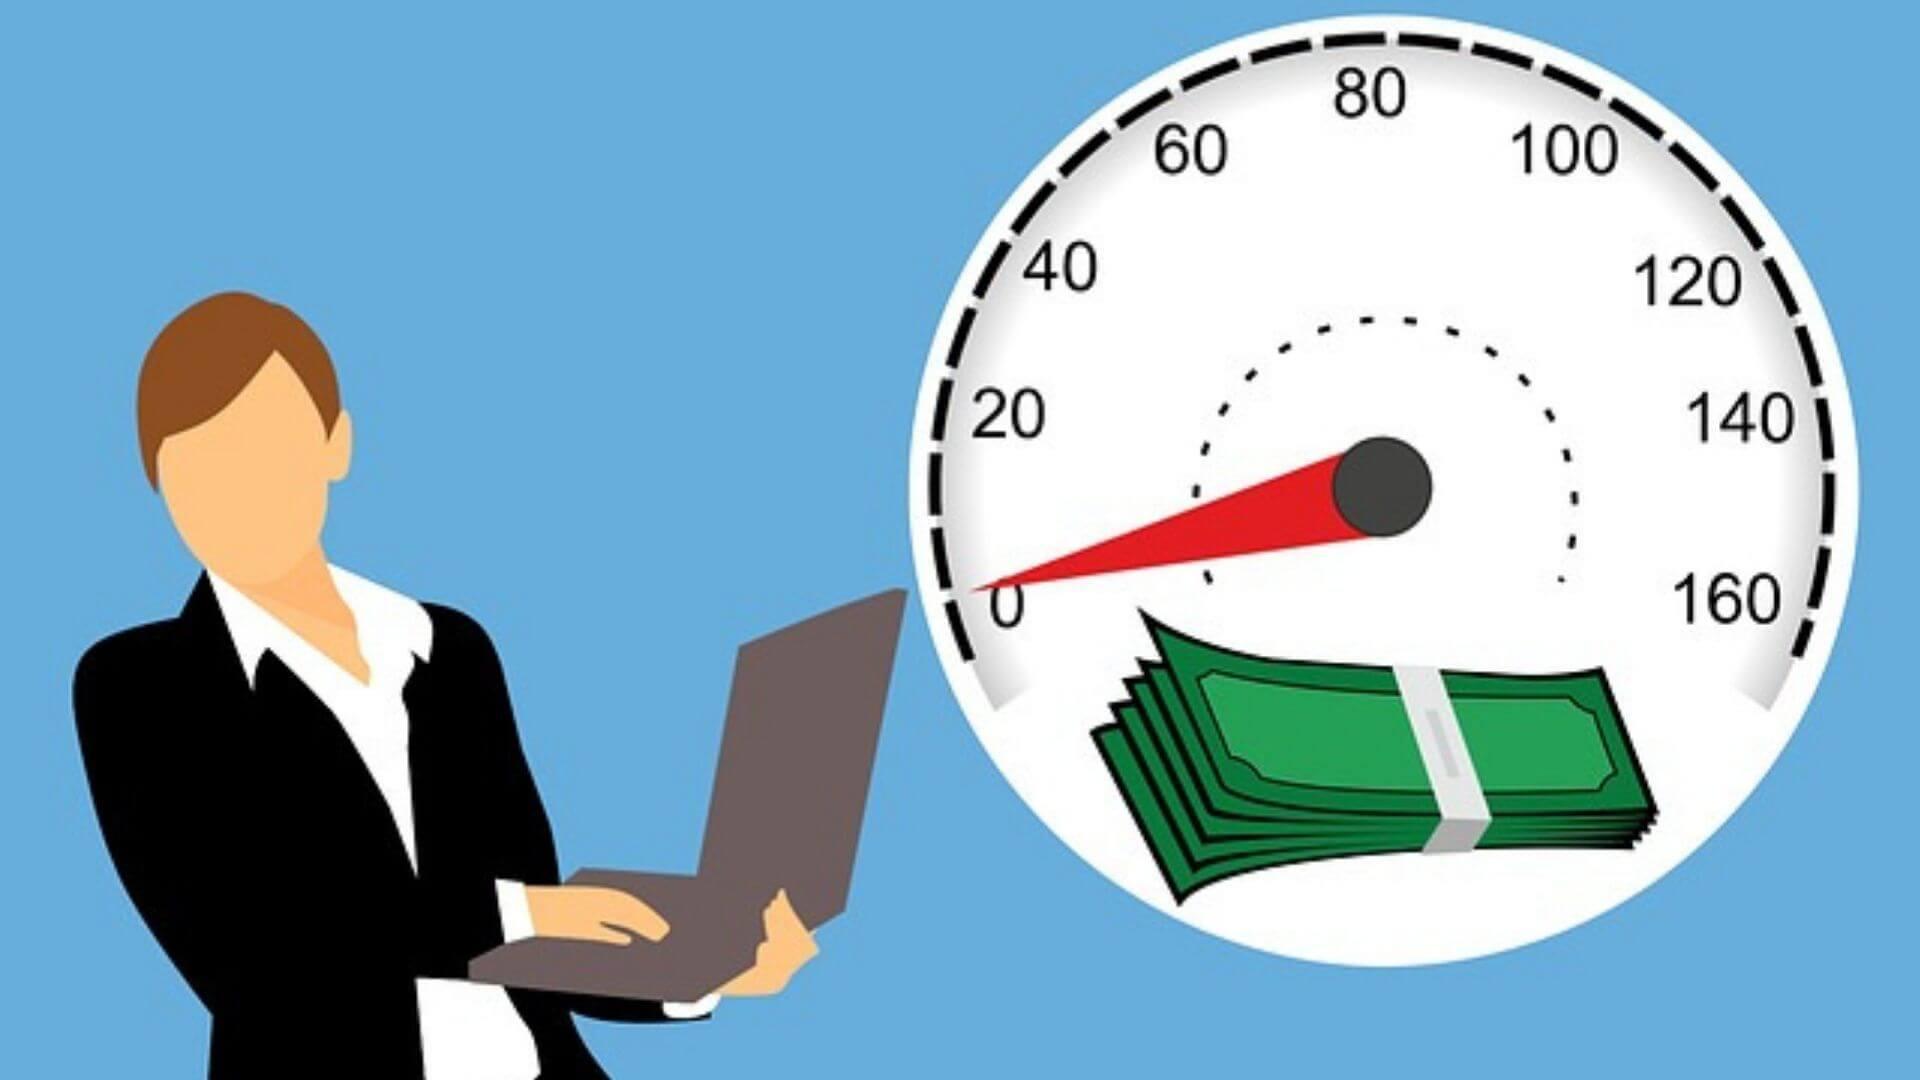 薬剤師が転職で年収を増やす際に注目すべき視点